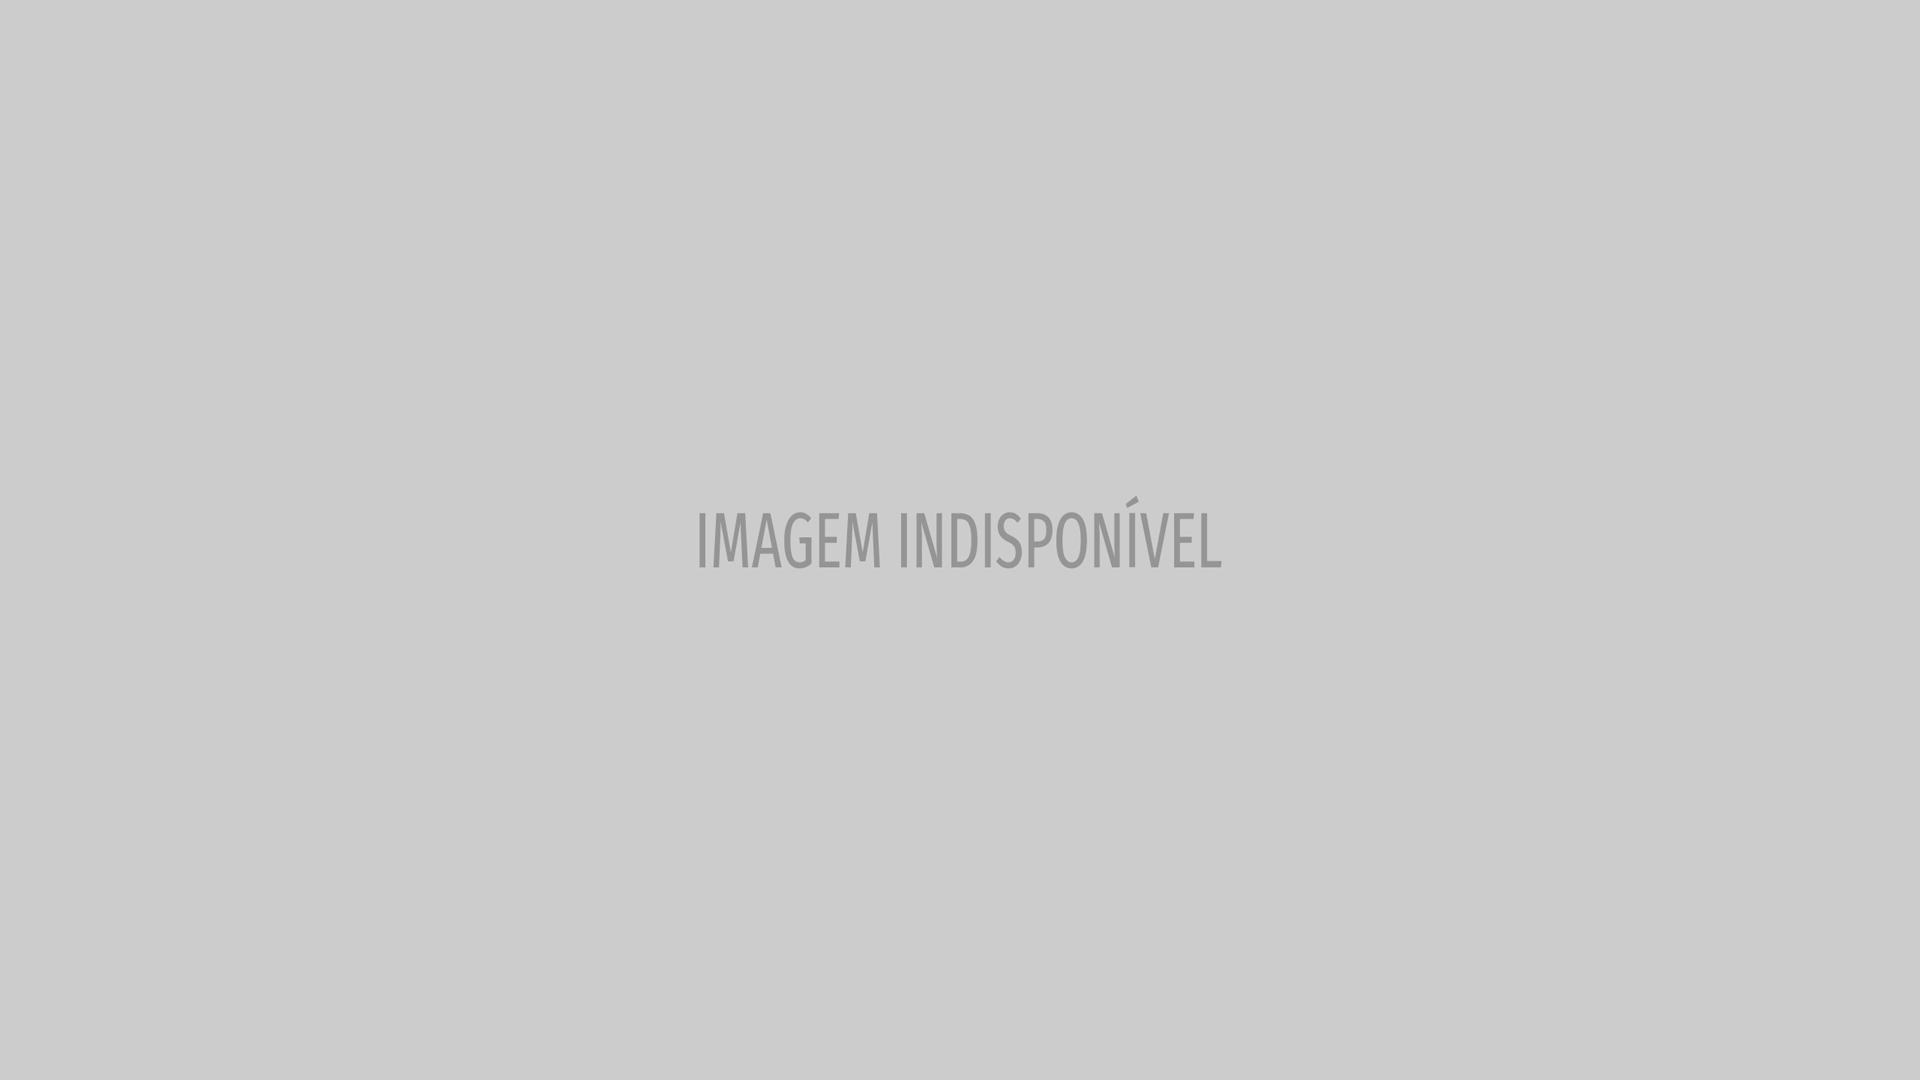 Mourinho recebeu ligação de Maradona após empate em clássico